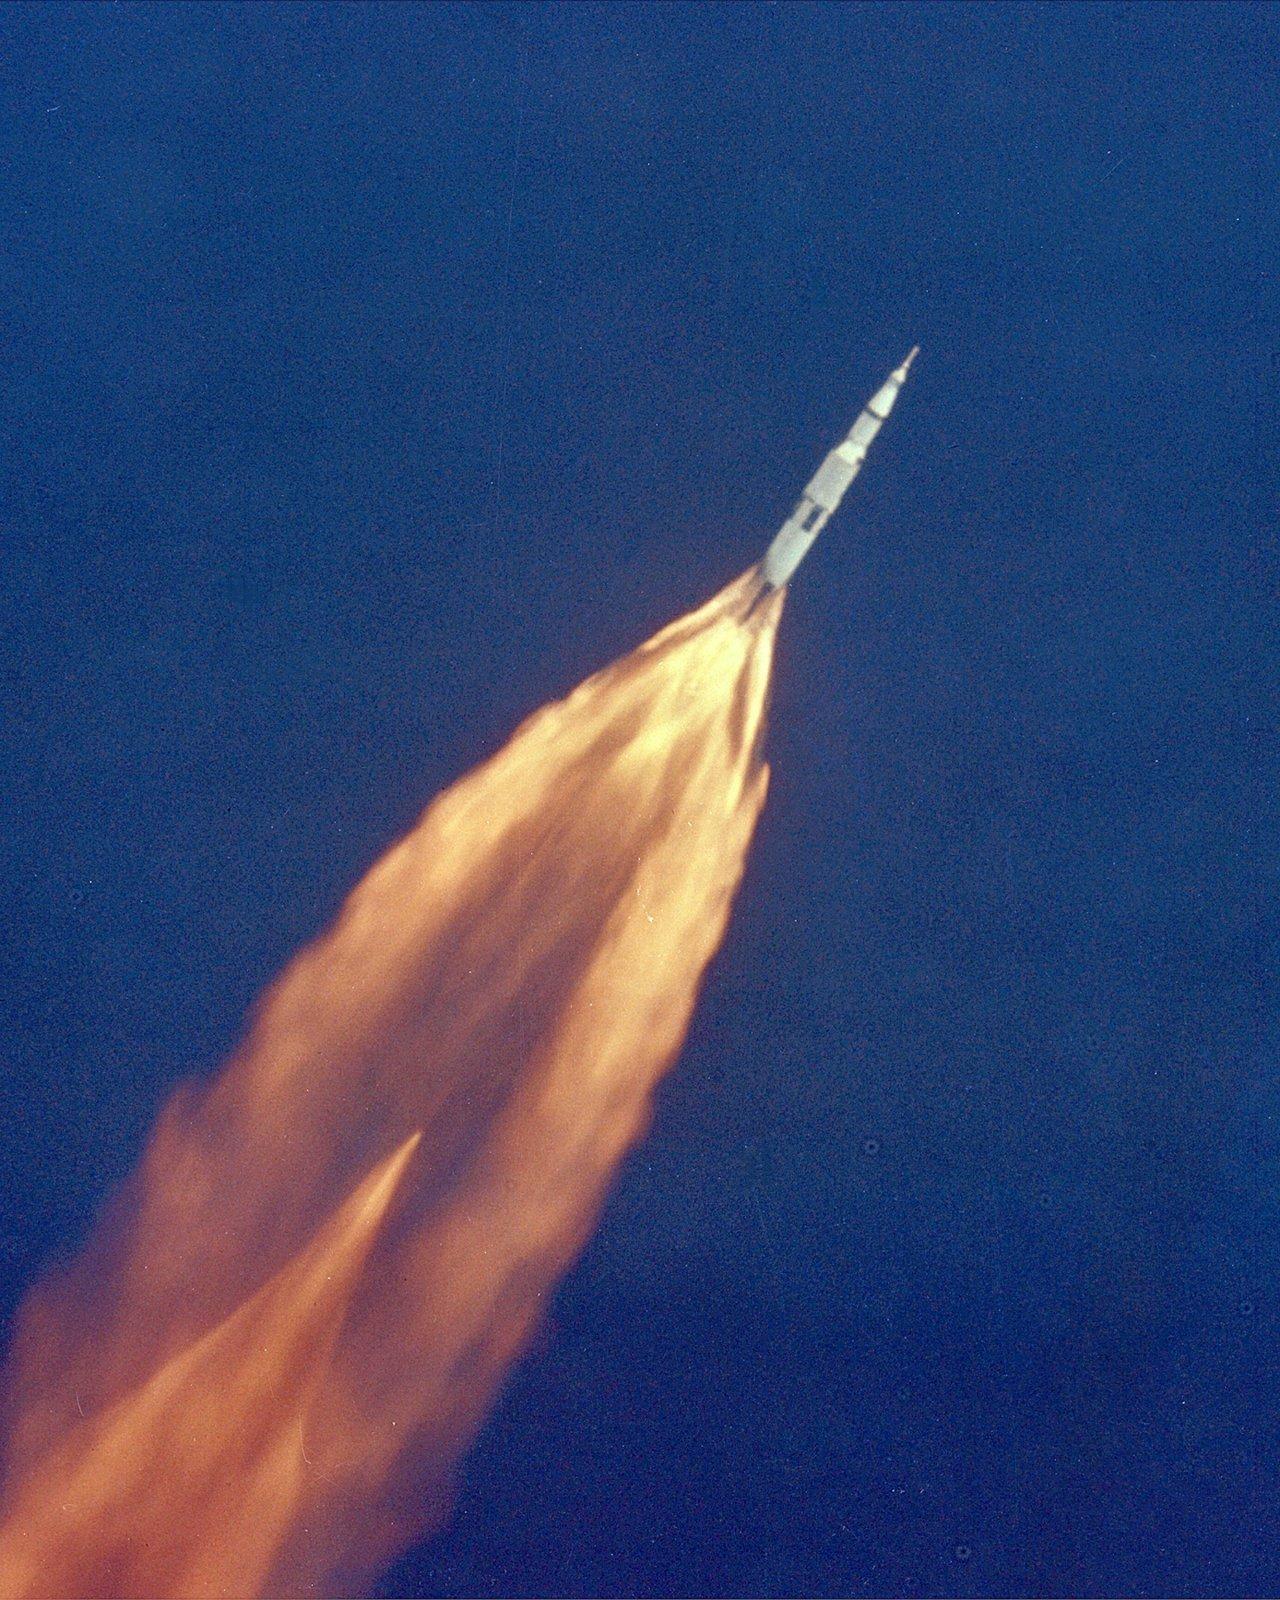 Misja Apollo 11 - lądowanie człowieka na Księżycu 32